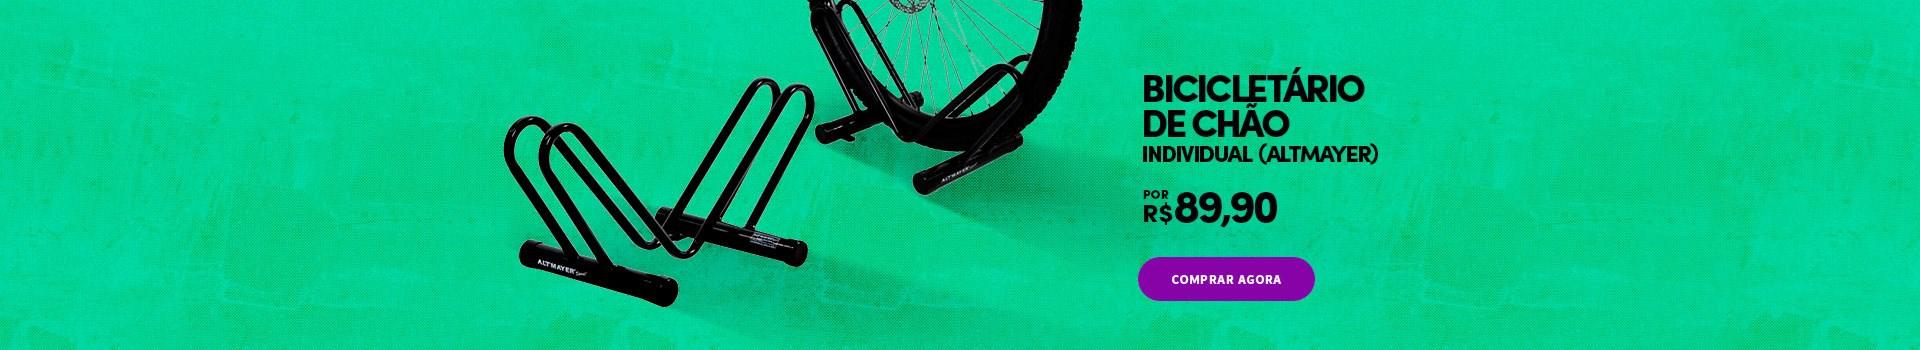 Bicicletário de Chão Individual Altmayer